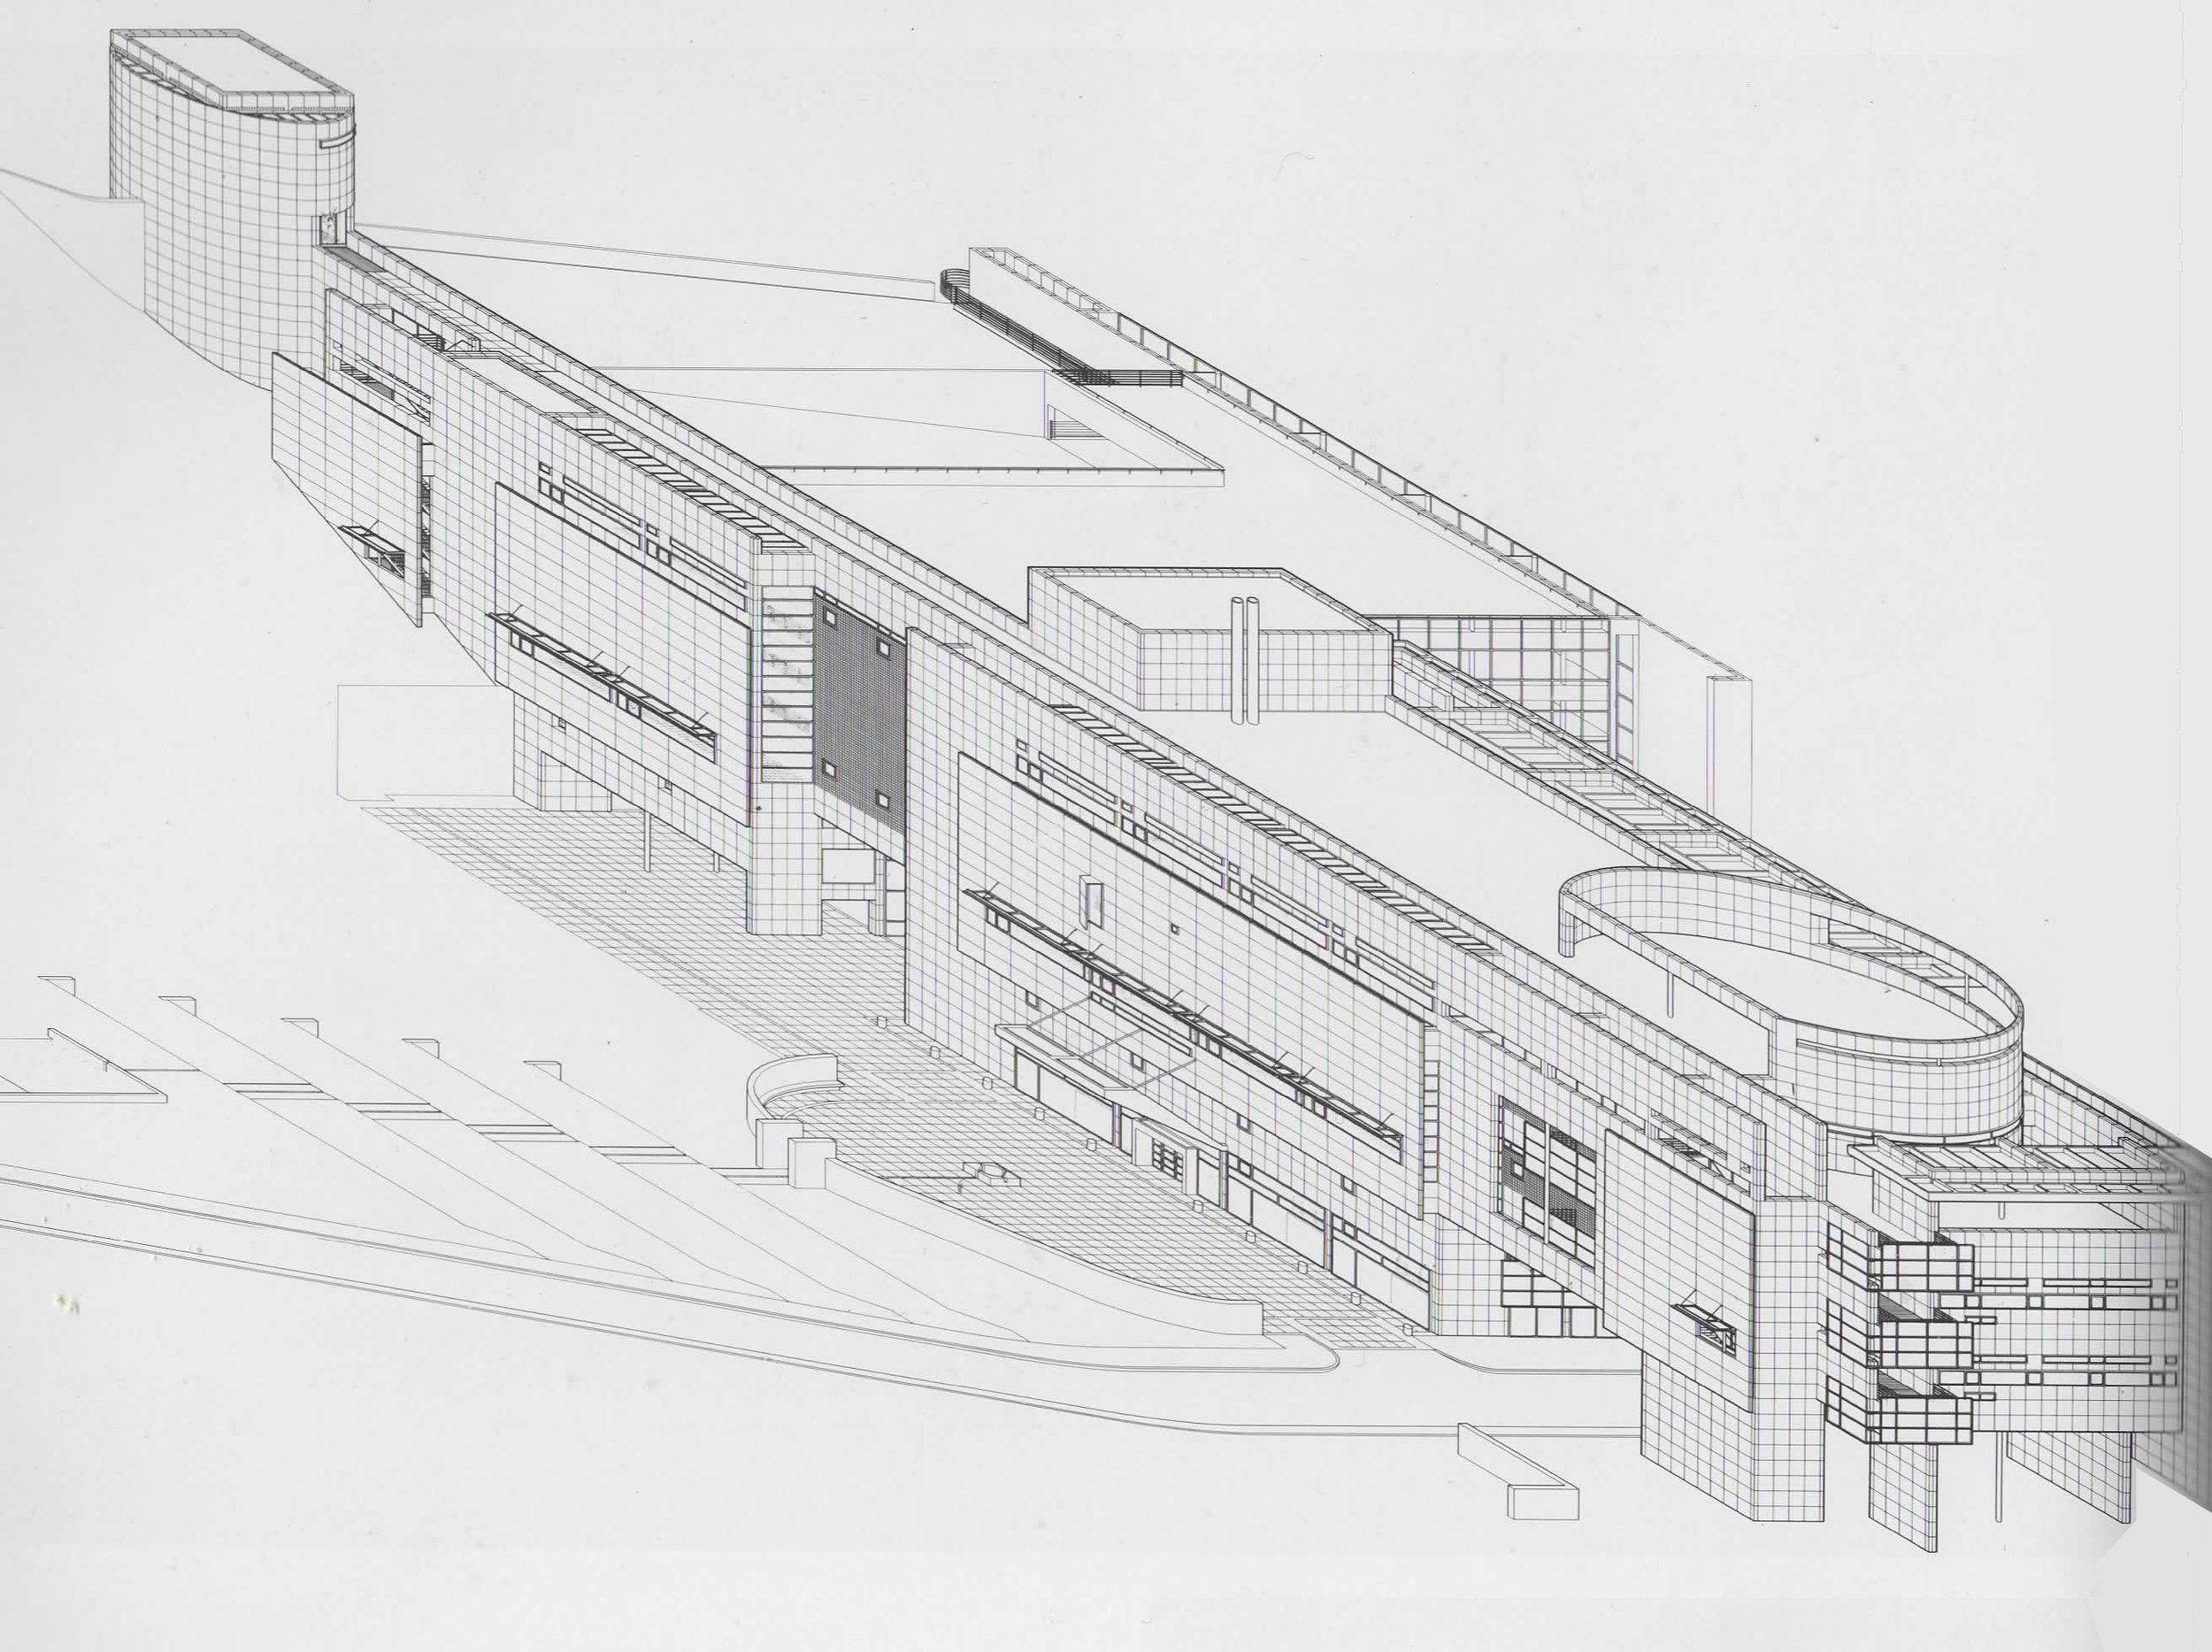 Project by Richard Meier